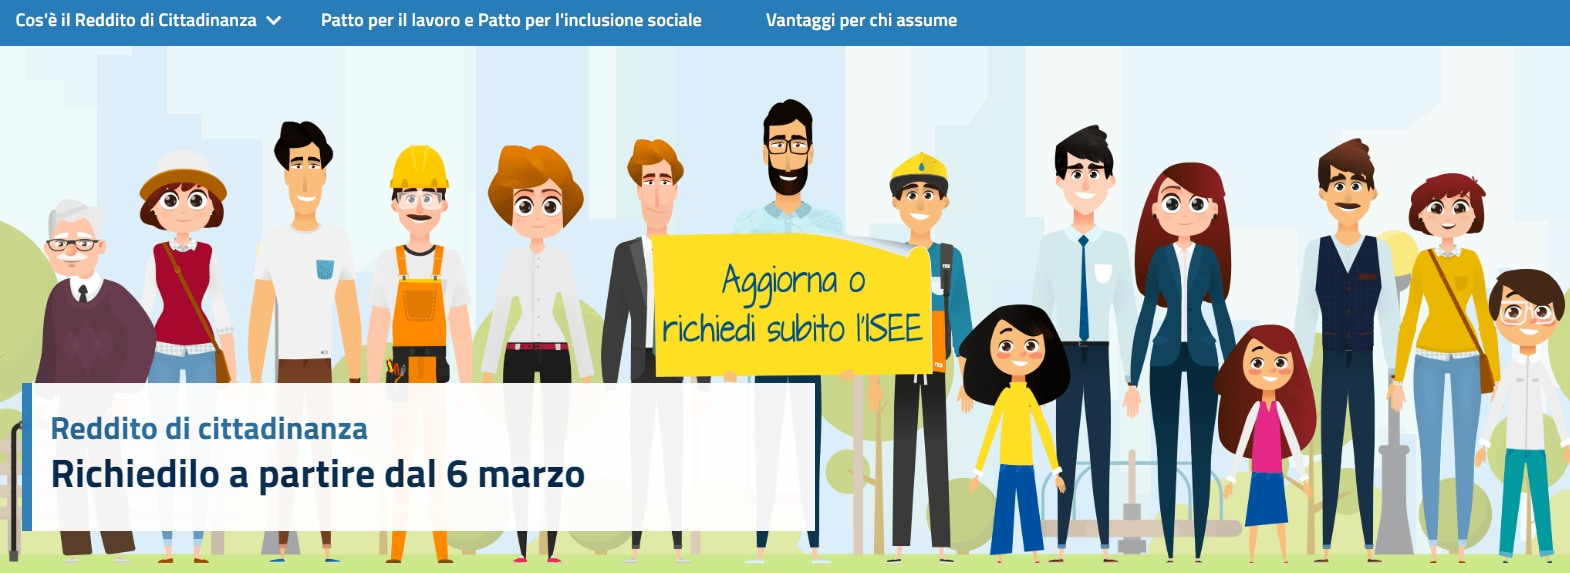 reddito di cittadinanza sito gov errori - 1